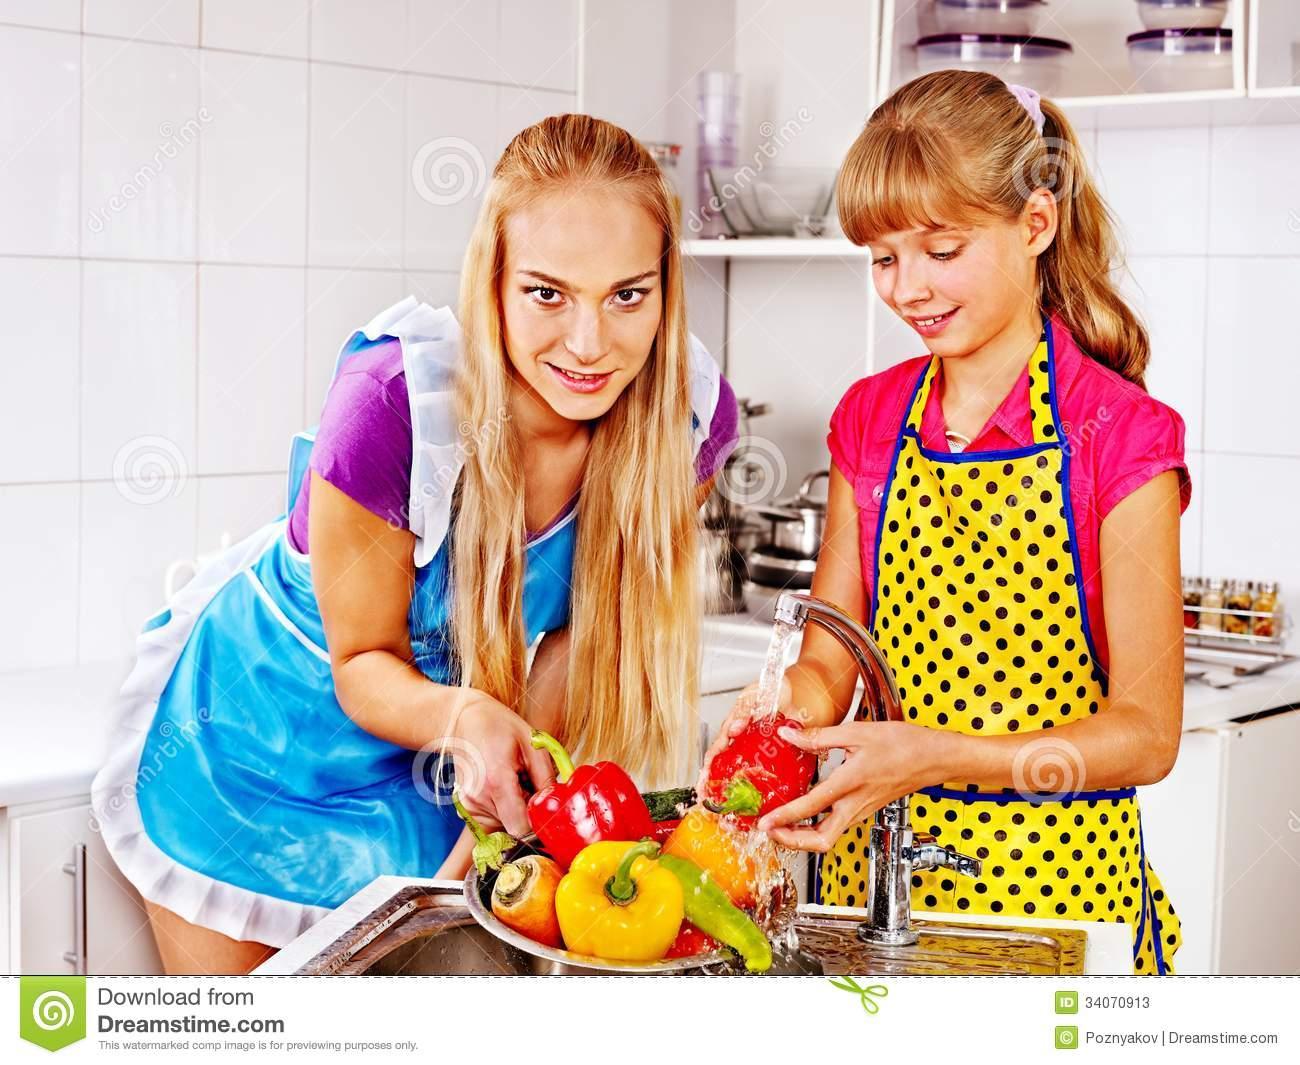 Children Washing Fruit At Kitchen. Royalty Free Stock Image.